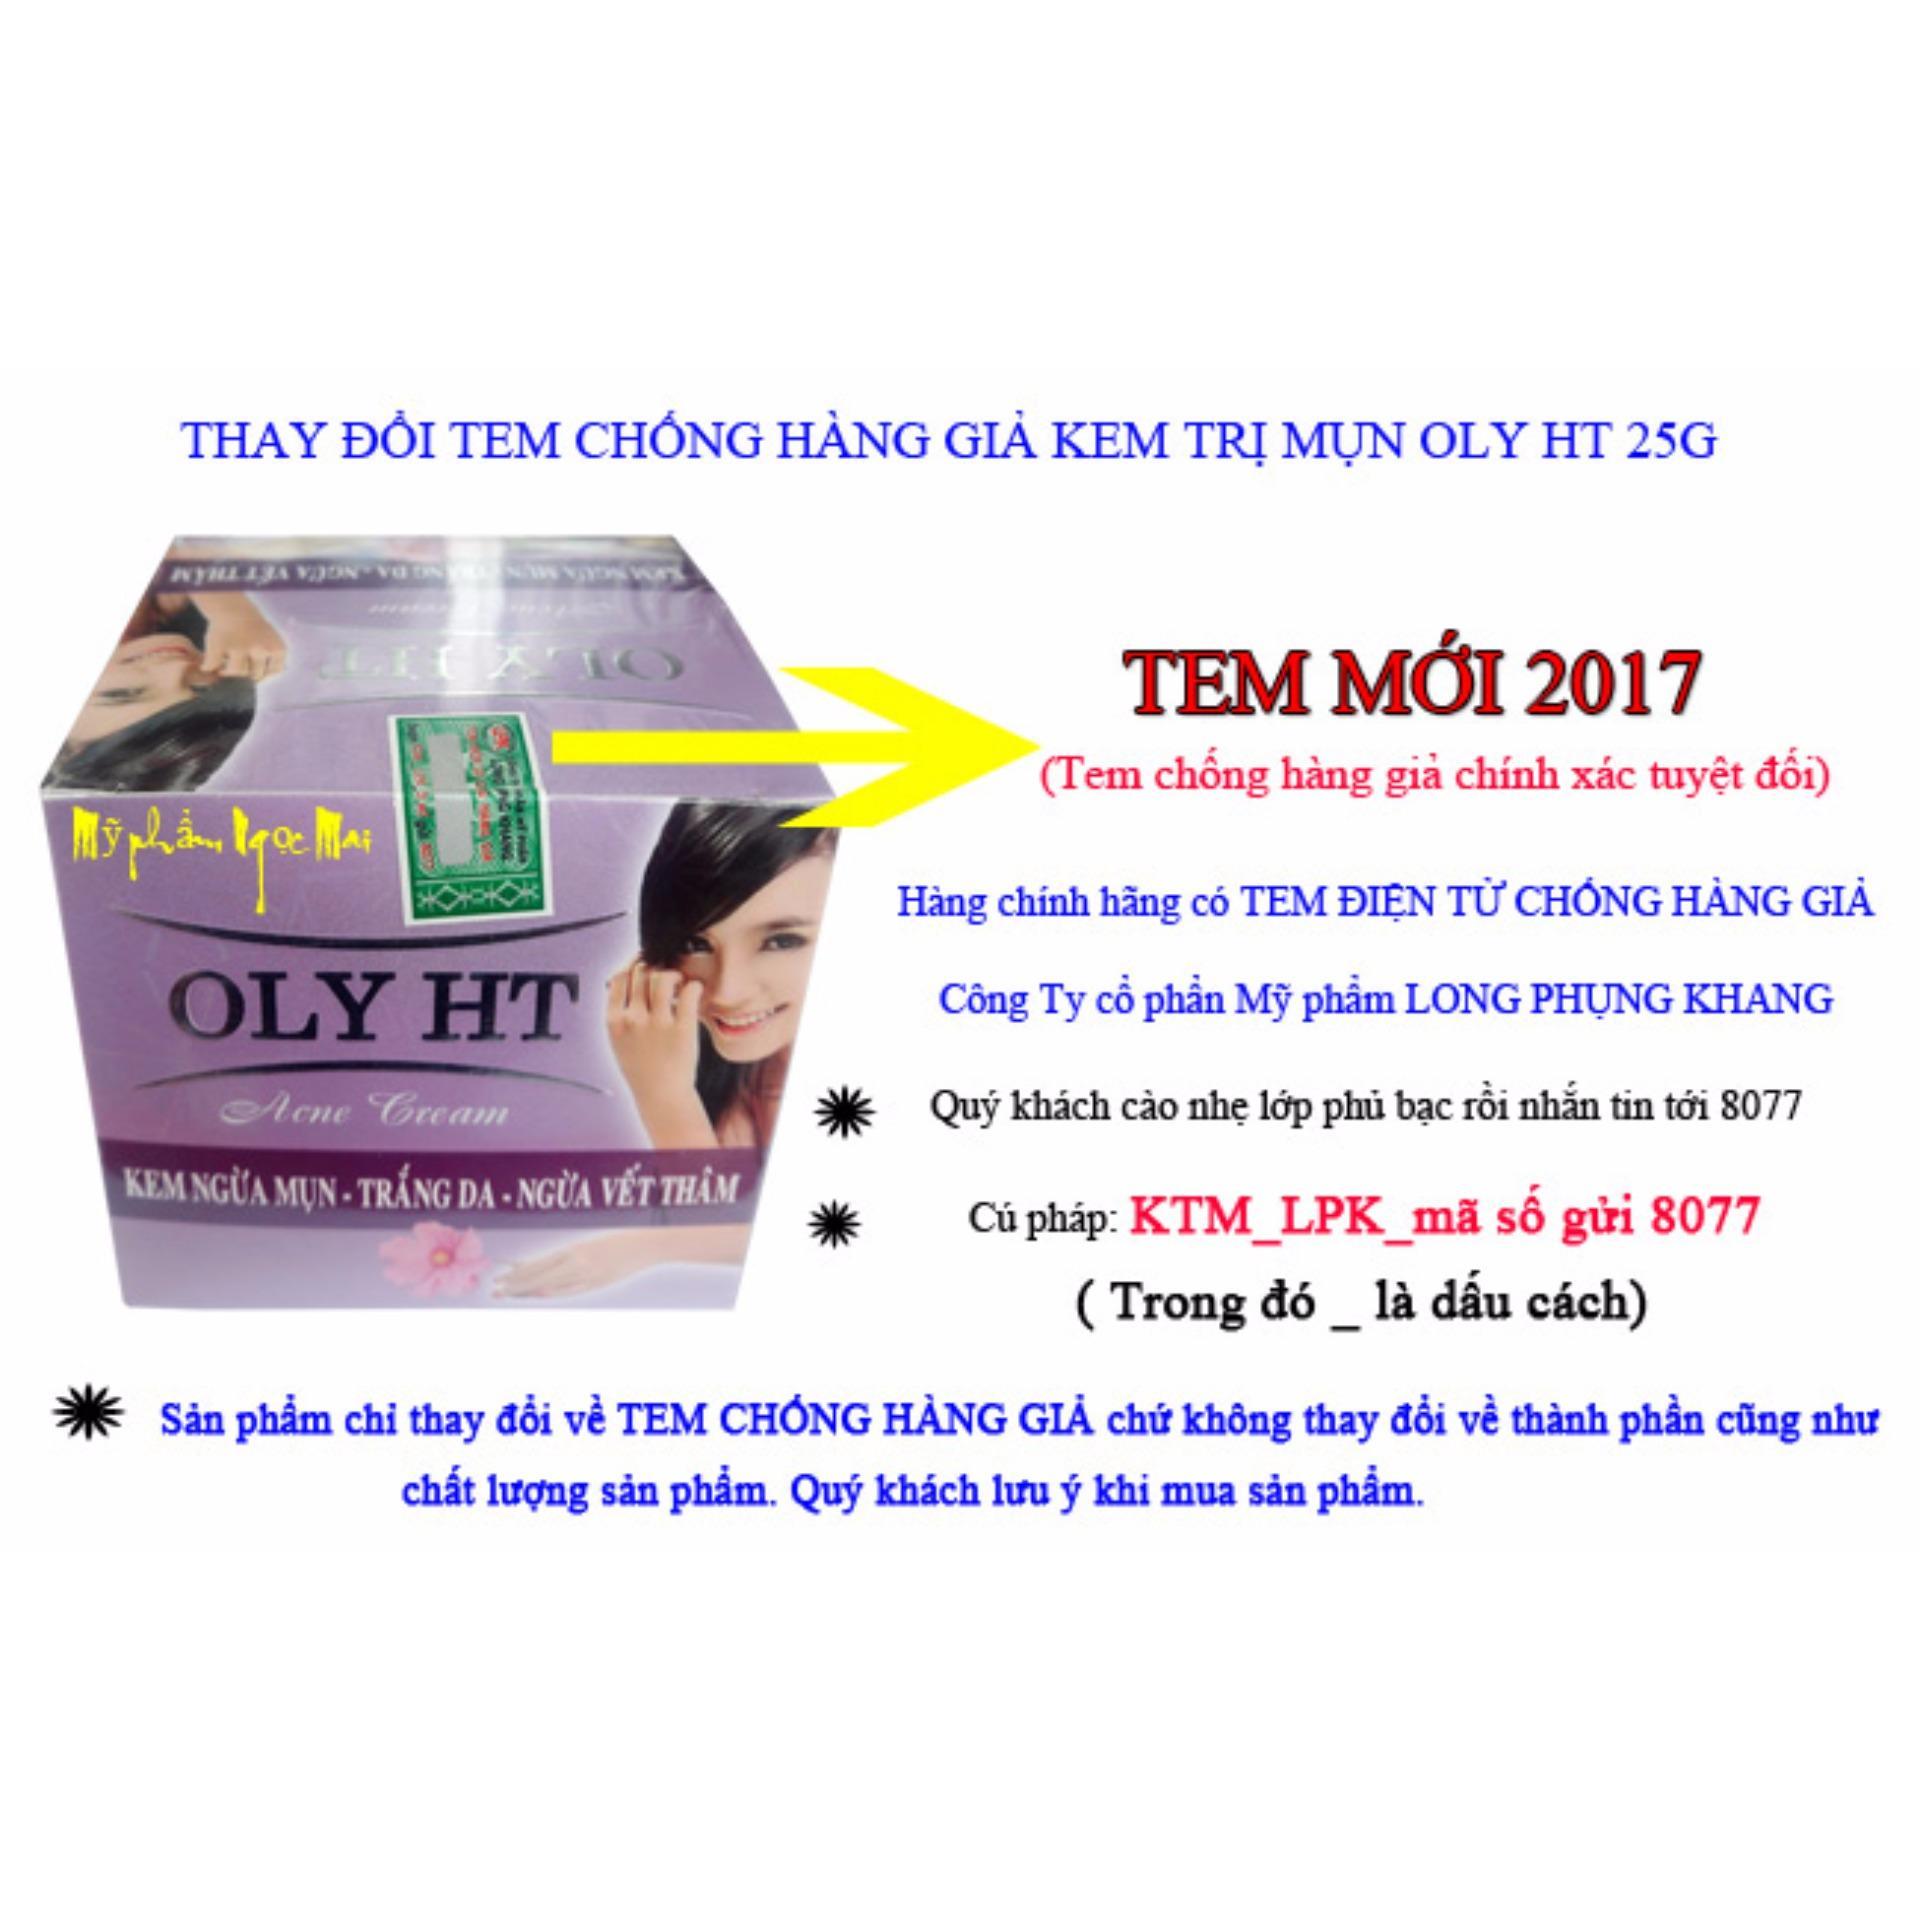 Kem Ngừa Mụn - Trắng Da - Ngừa Vết Thâm OLY HT (25g)